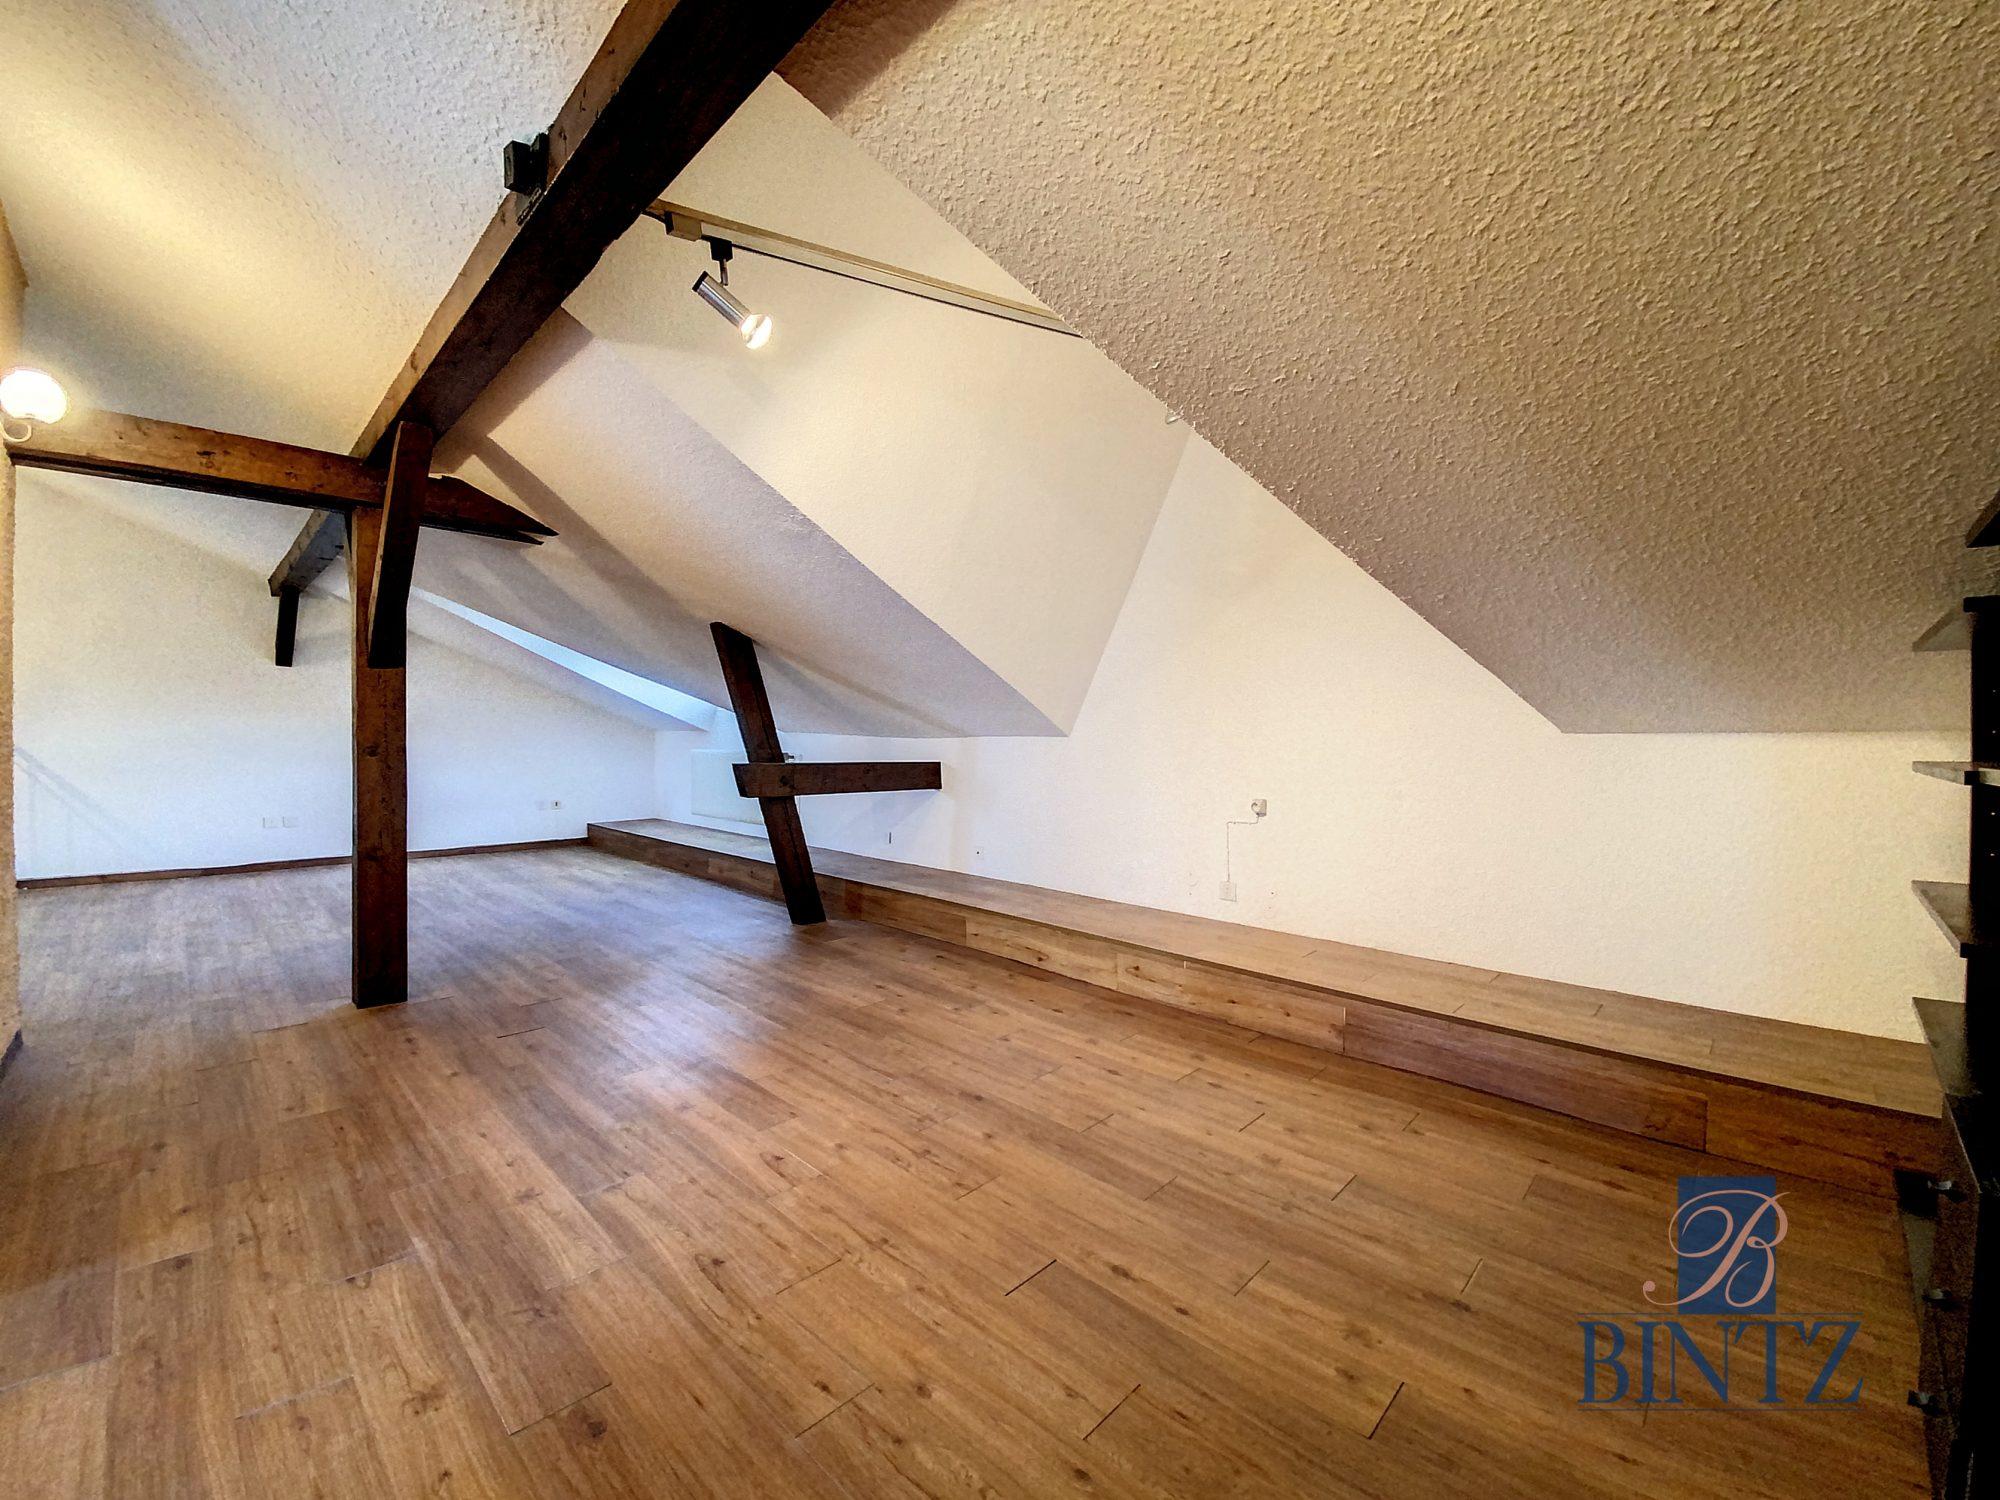 DUPLEX avec terrasse PLACE DE L'UNIVERSITÉ AVEC TERRASSE - Devenez locataire en toute sérénité - Bintz Immobilier - 16